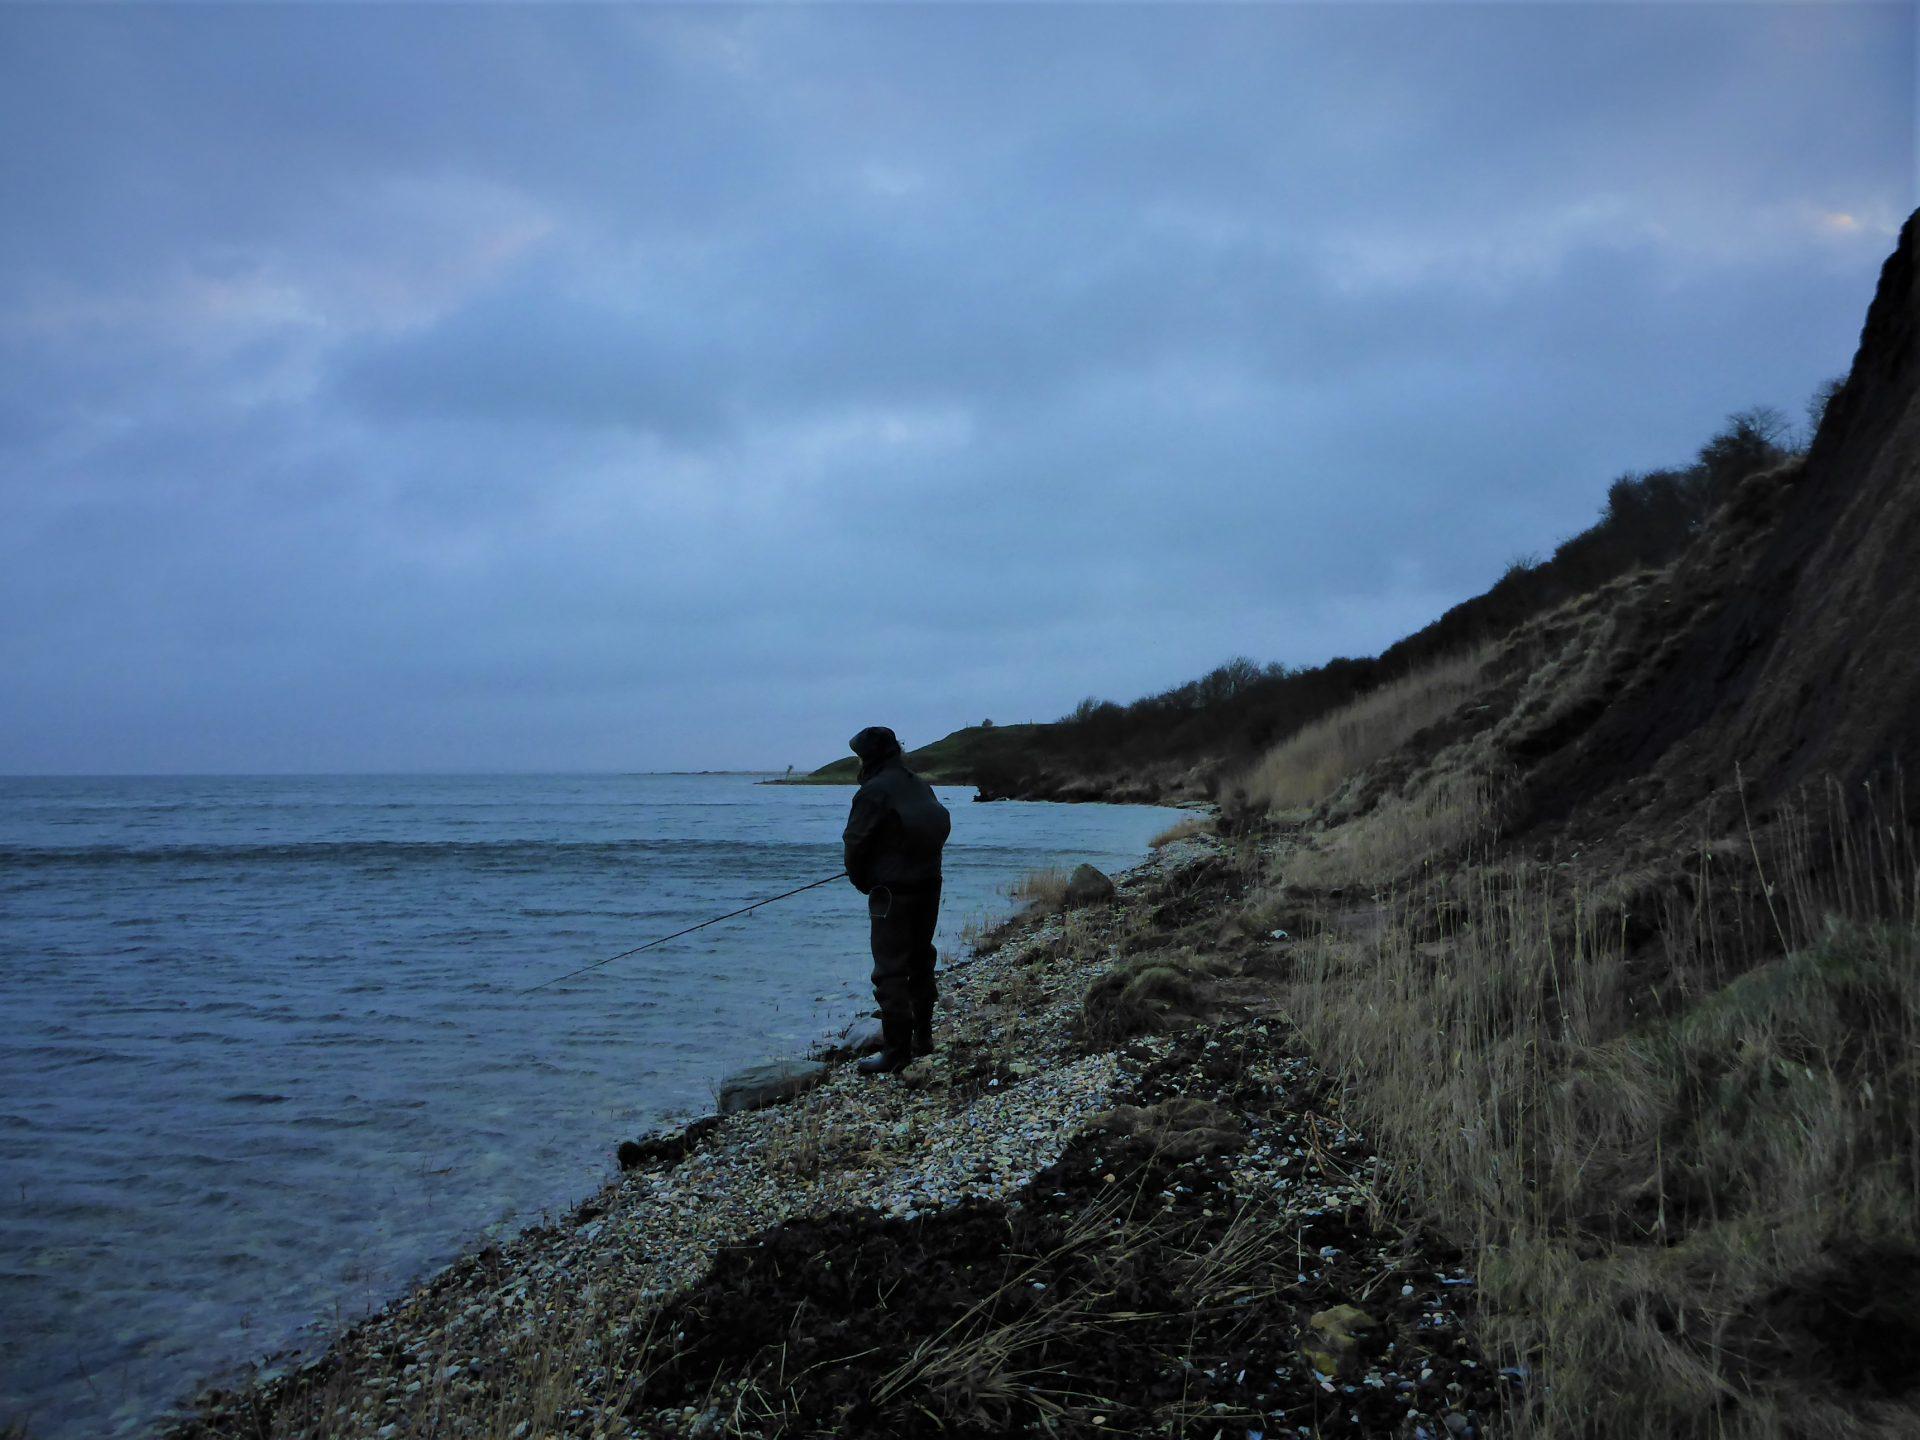 Vilsund øst er en fiskeplads på Mors i Limfjorden til fangst af havørreder.